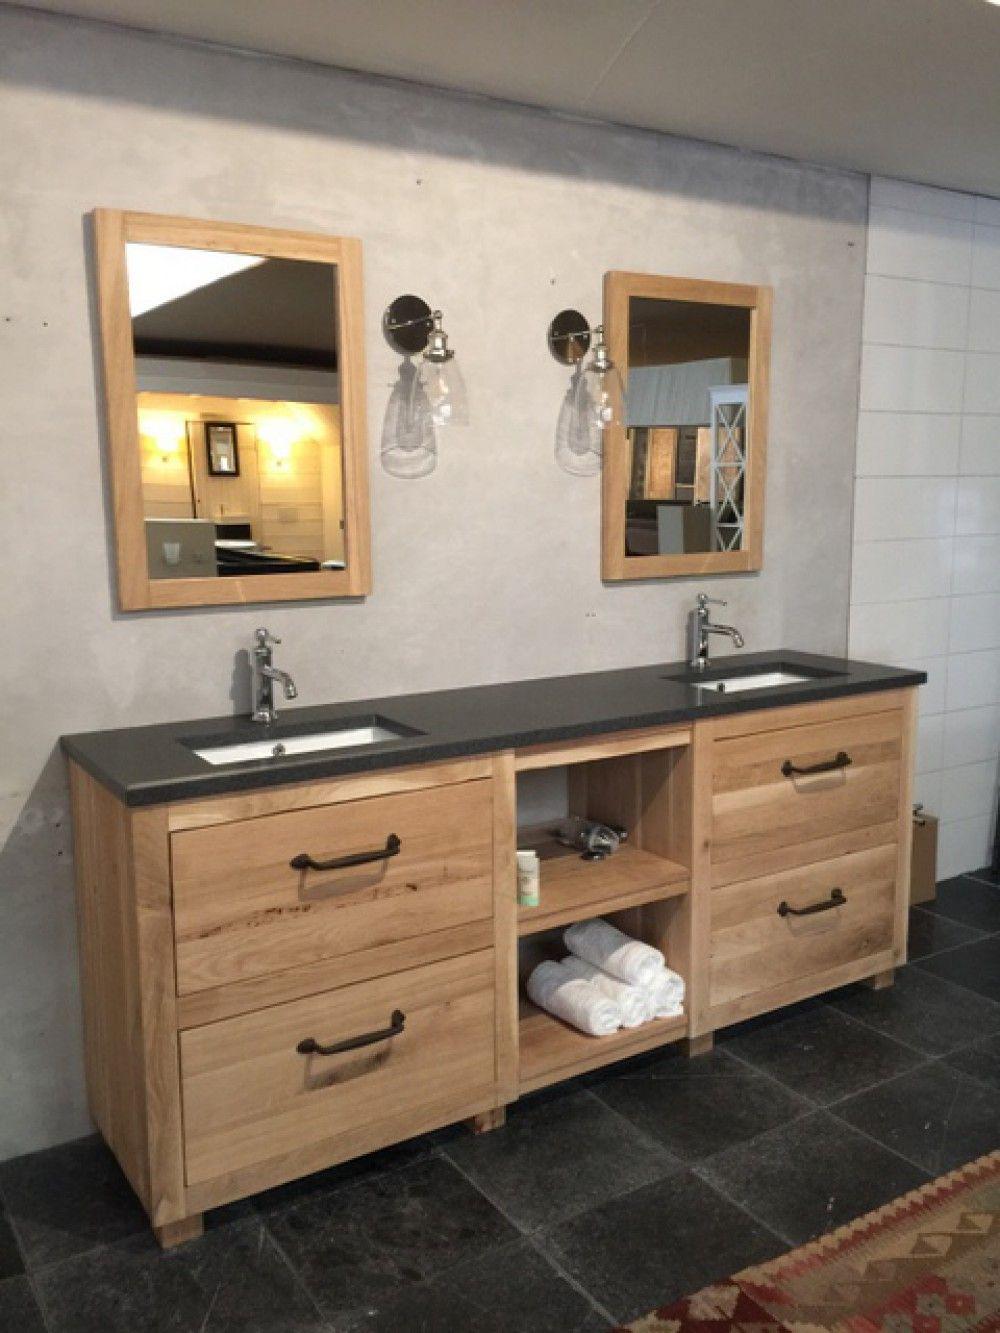 Waschtisch Eiche Massiv Doppelwaschtisch Im Landhausstil Breite 163 Cm Bad Waschtische In 2020 Waschtisch Landhaus Badezimmer Rustikal Waschtisch Holz Landhaus